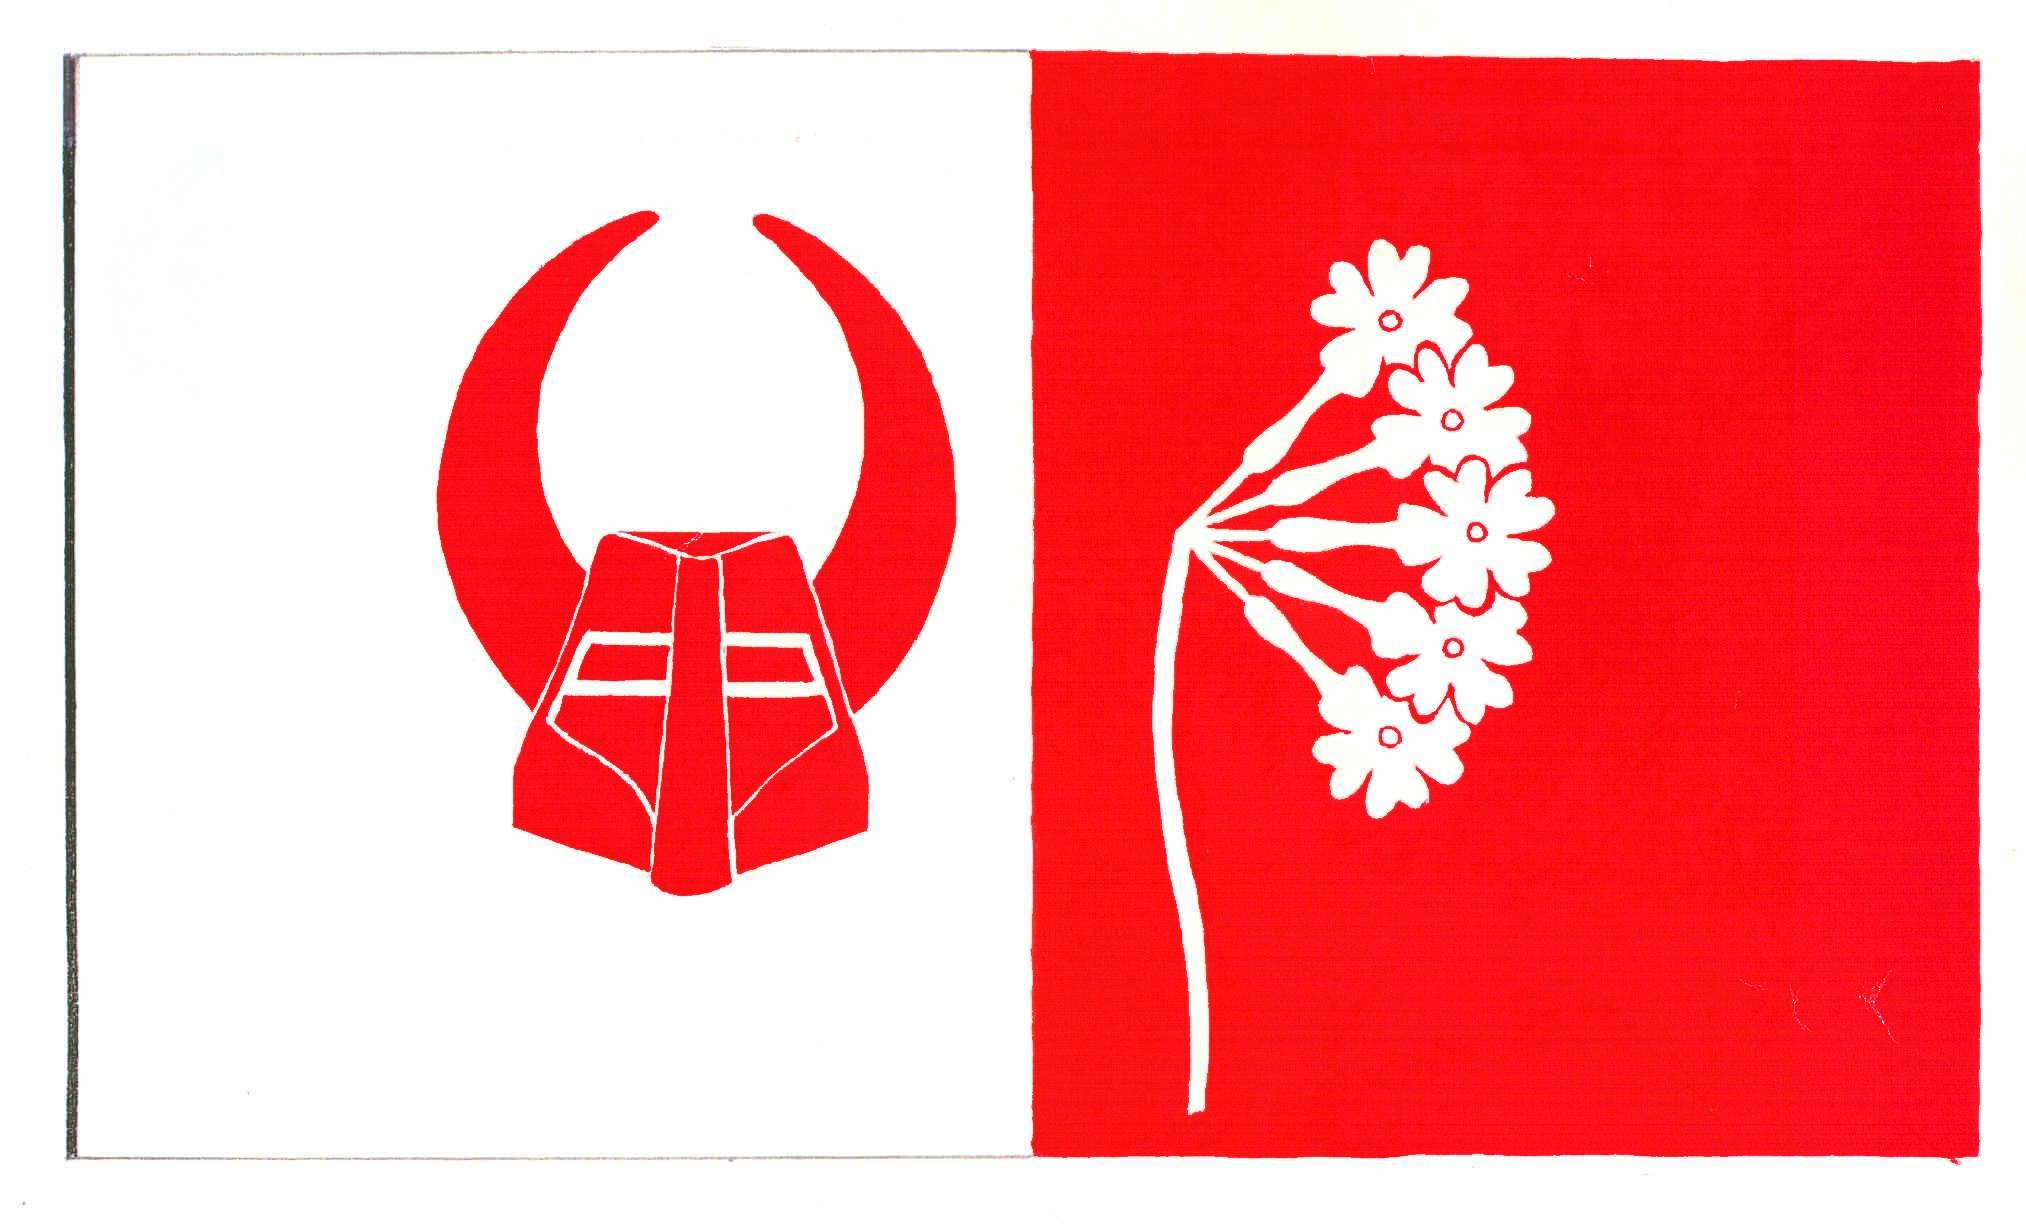 Flagge GemeindeRantzau, Kreis Plön